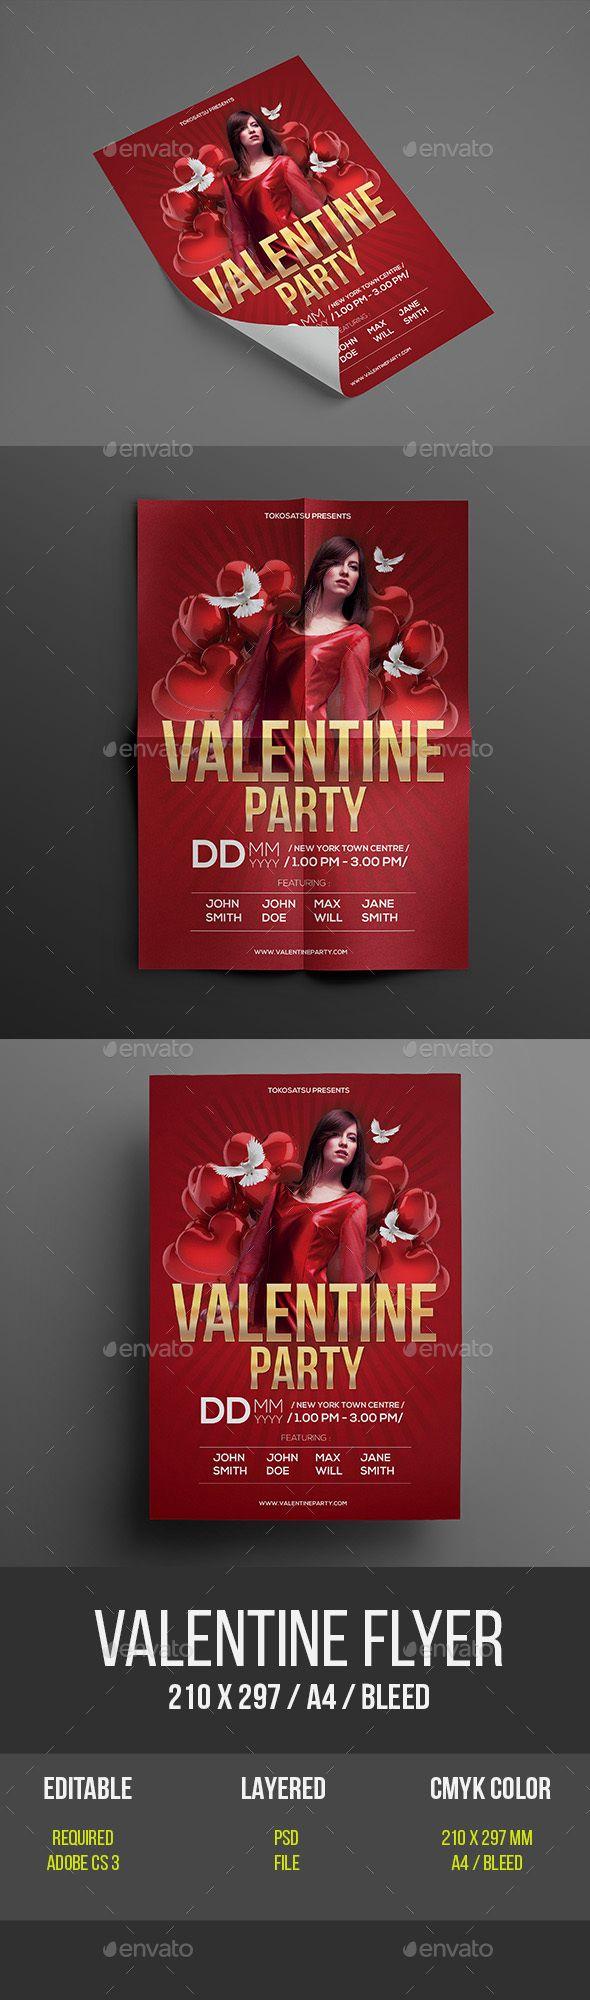 flyer vs poster